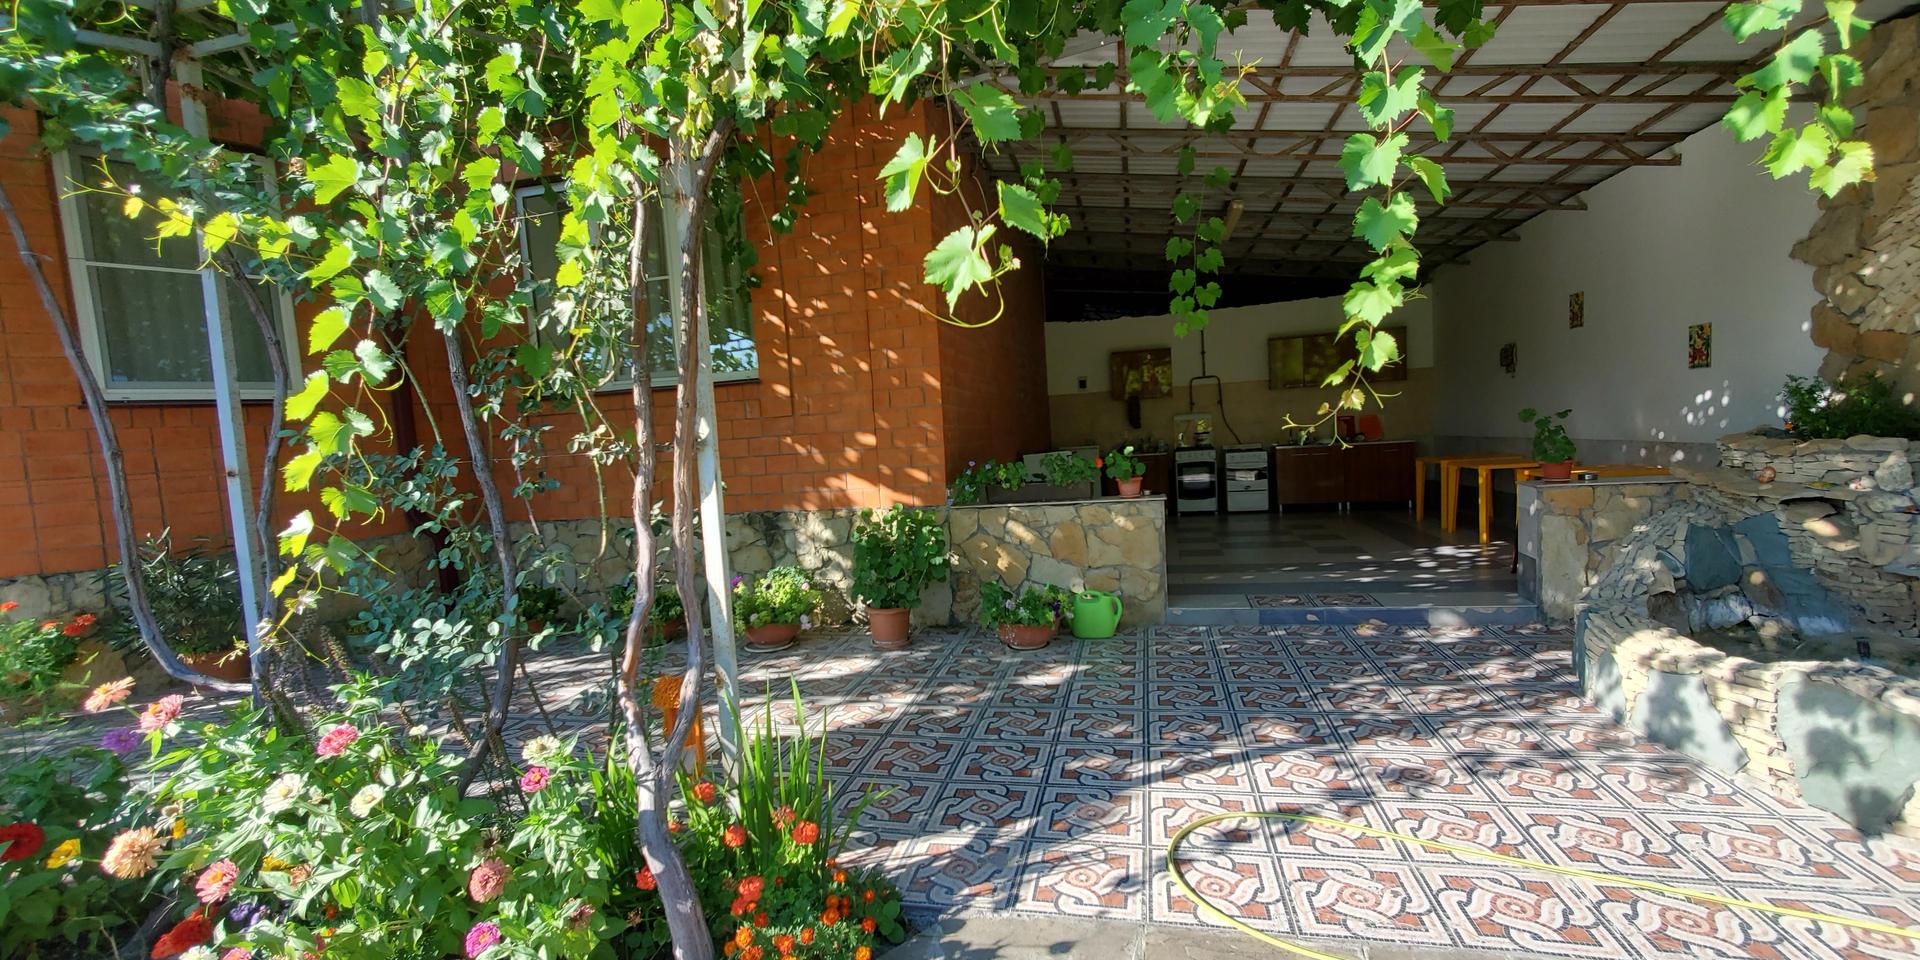 kitchen & dining area - 20200731_165305.